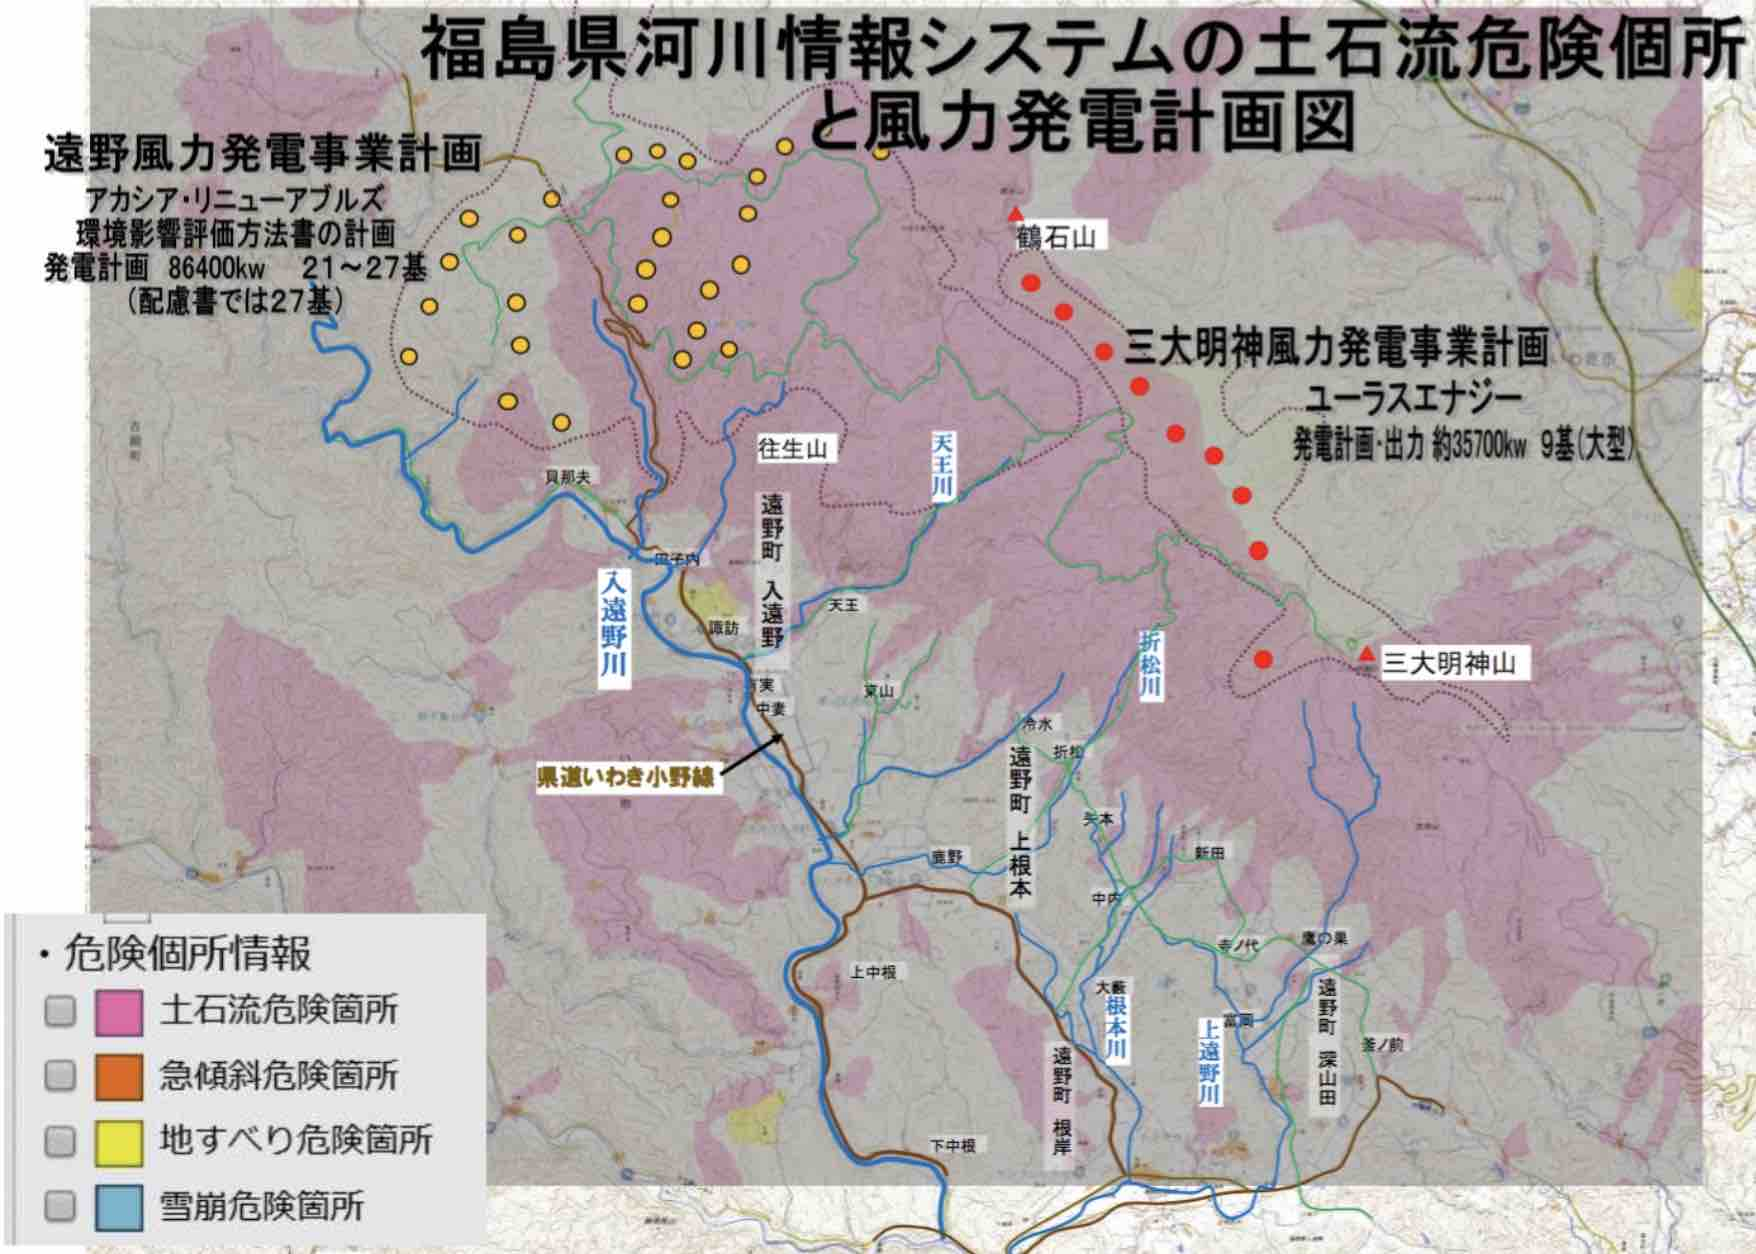 三大明神風力発電事業の中止を要望、遠野町住民_e0068696_7225821.jpg